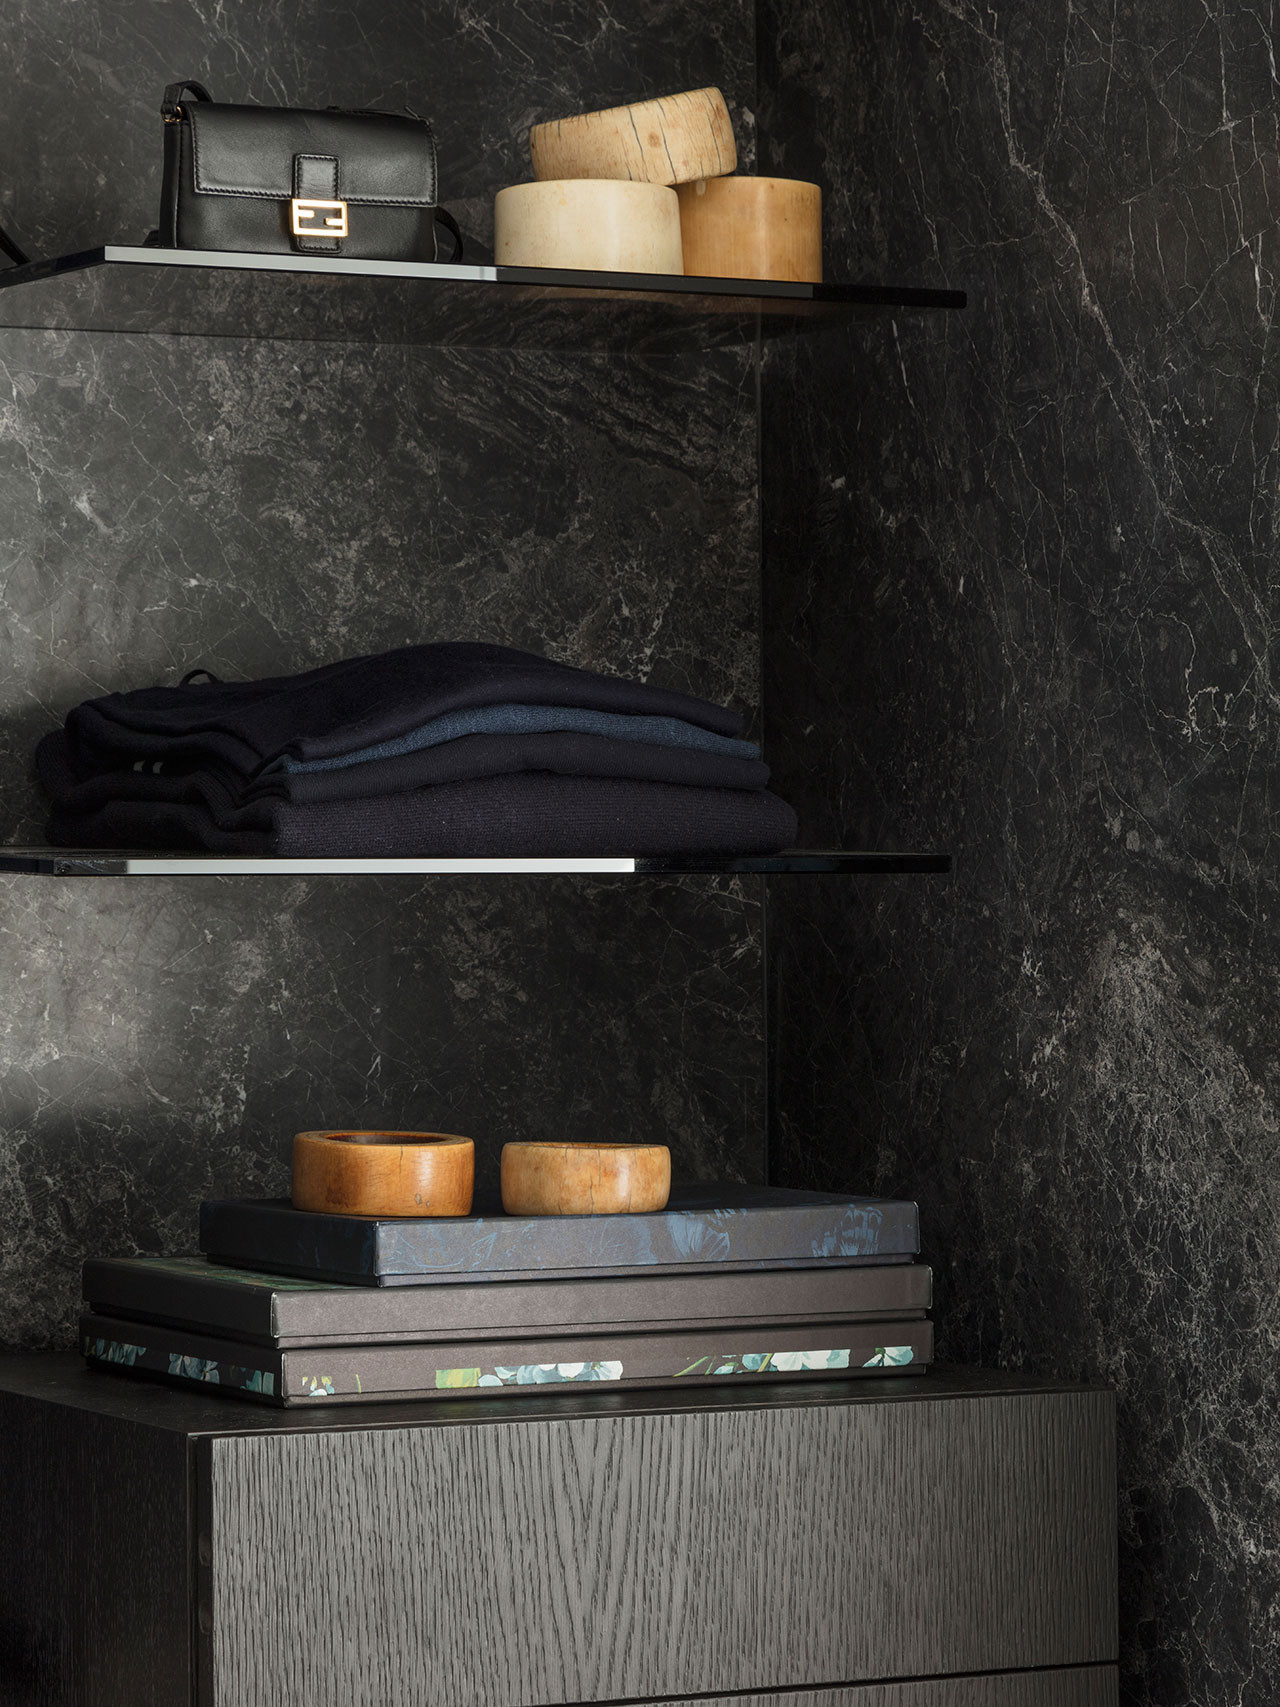 totaalinrichting-badkamer-dressing-eik-marmer-5.jpg